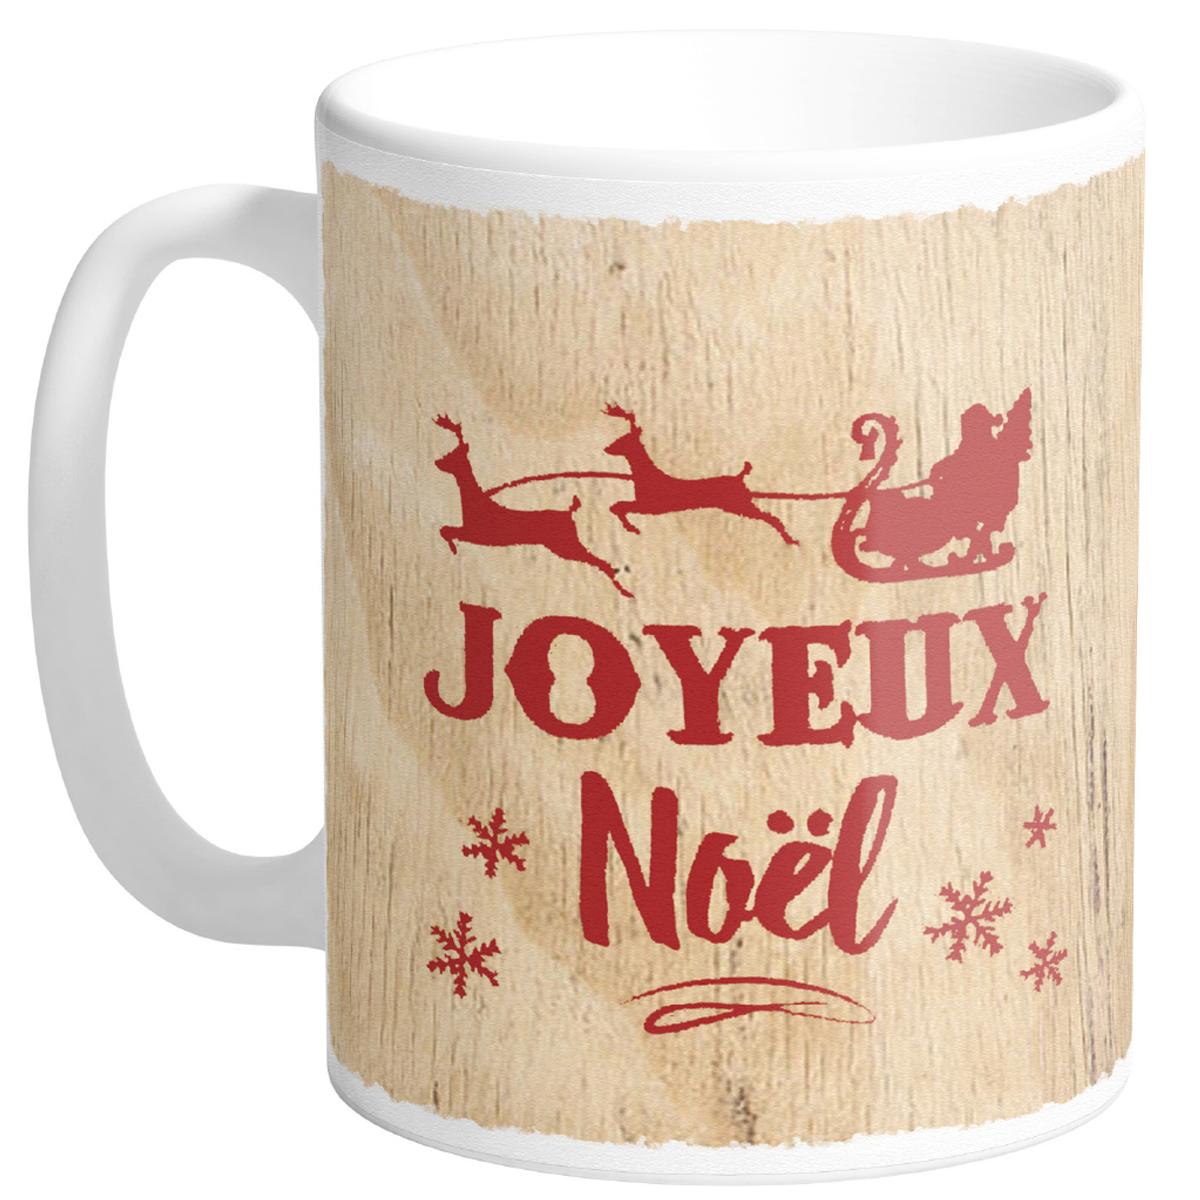 Mug céramique \'Joyeux Noël\' beige rouge (Made in France) - hauteur 95 cm diamètre 8 cm - [R0483]